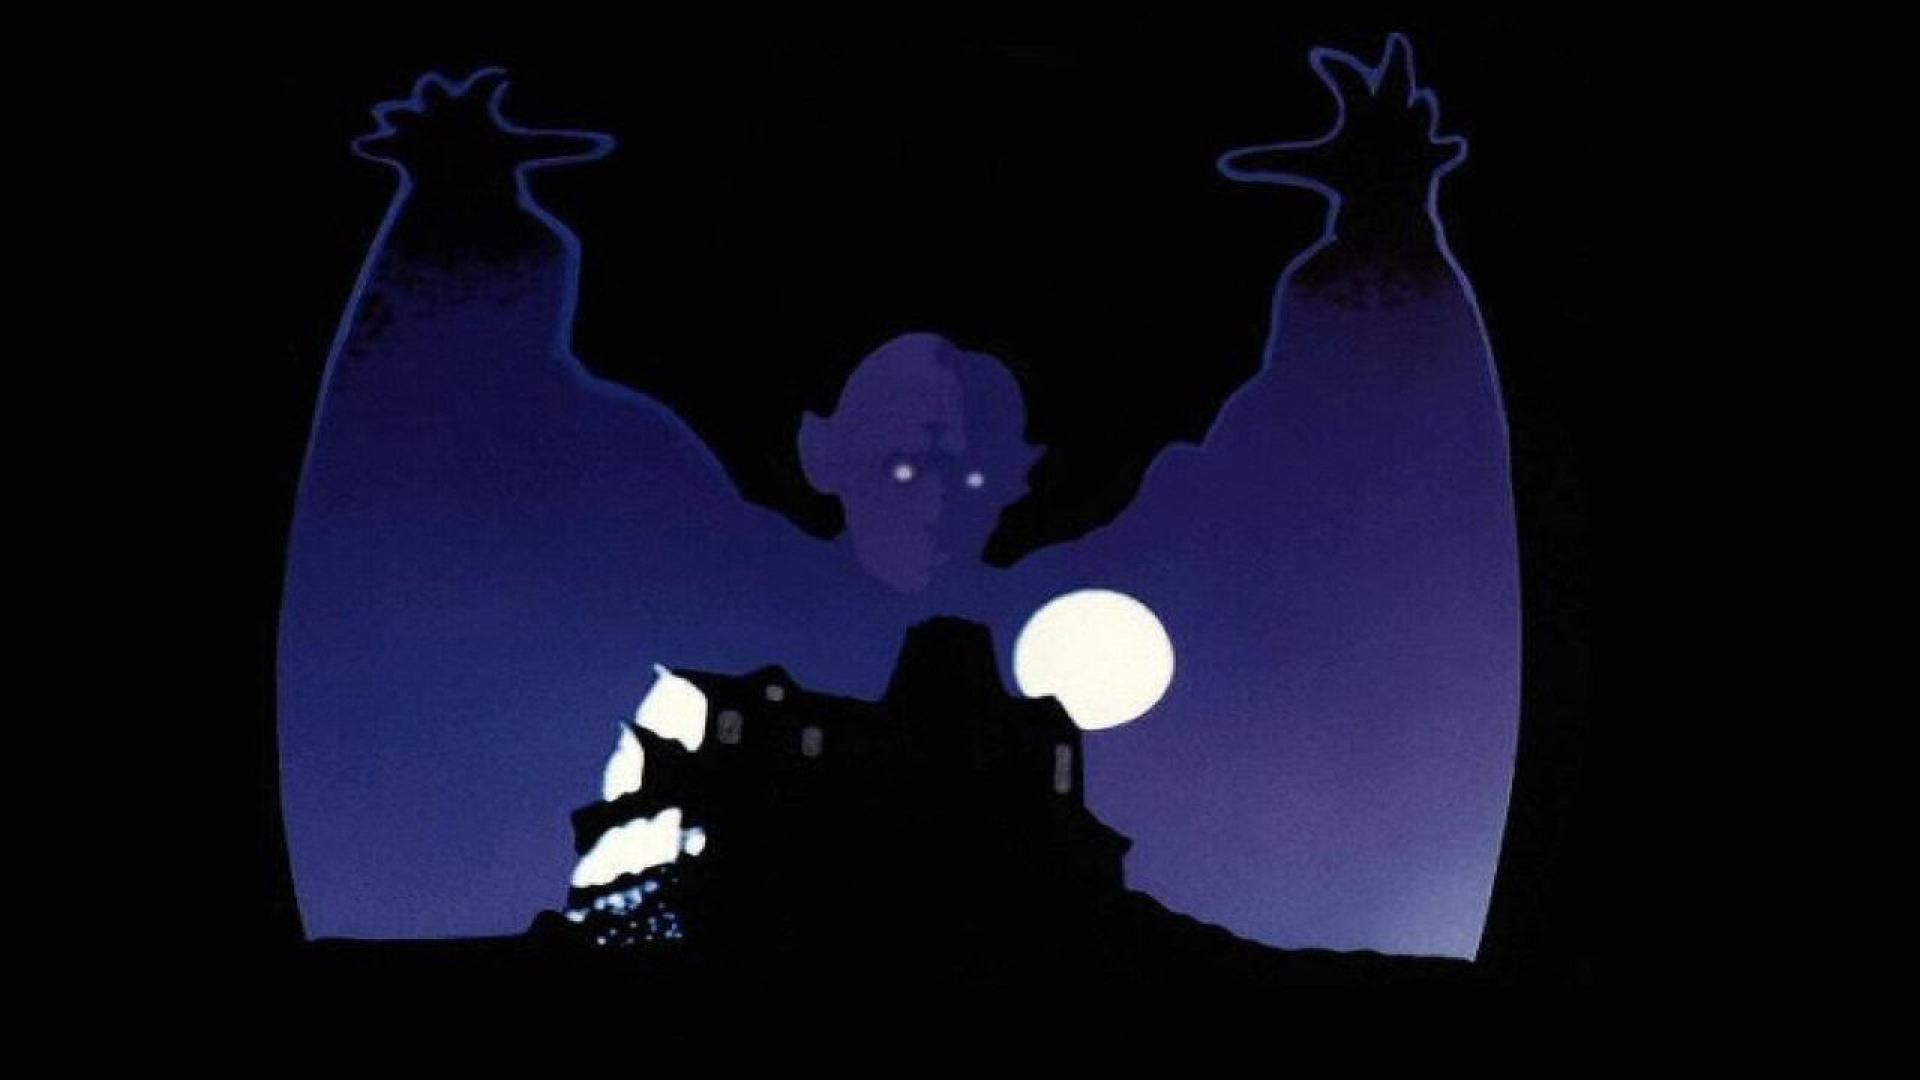 Salem's Lot - A gonosz háza/Borzalmak városa (1979/2004)